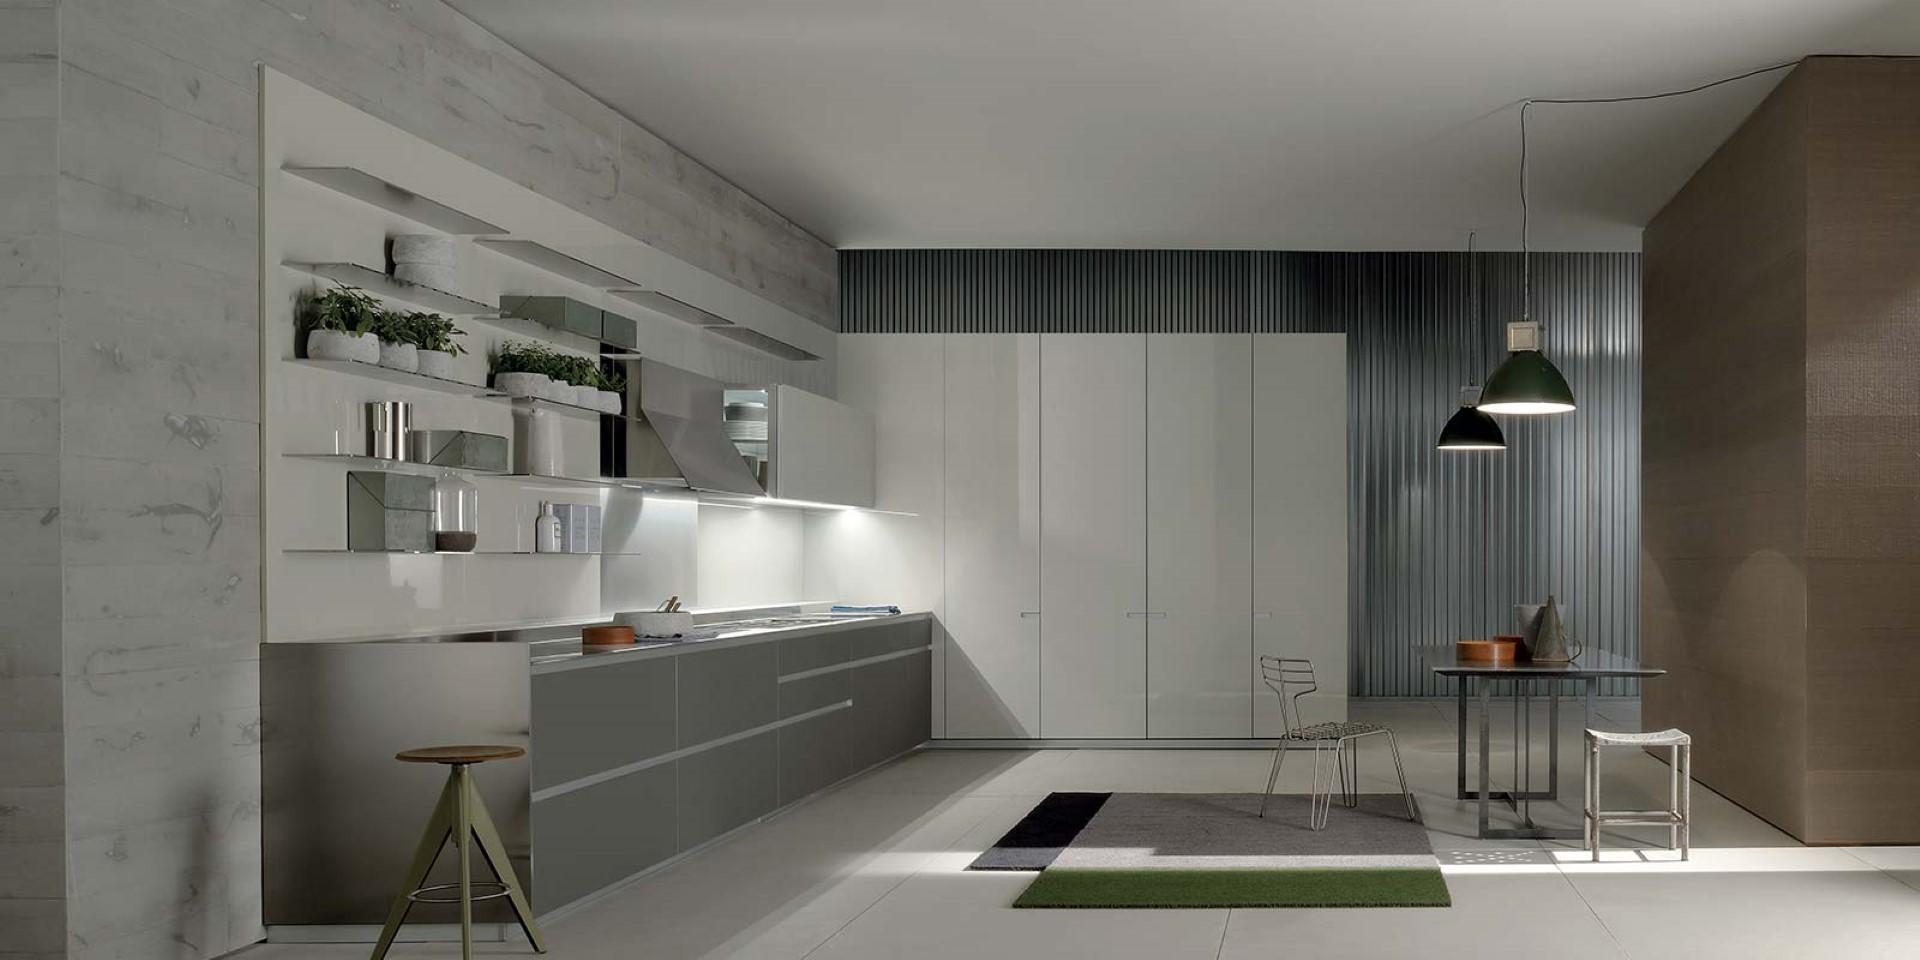 Cucine moderne, Valcucine, Ernestomeda|Vitale Arredamenti Benevento